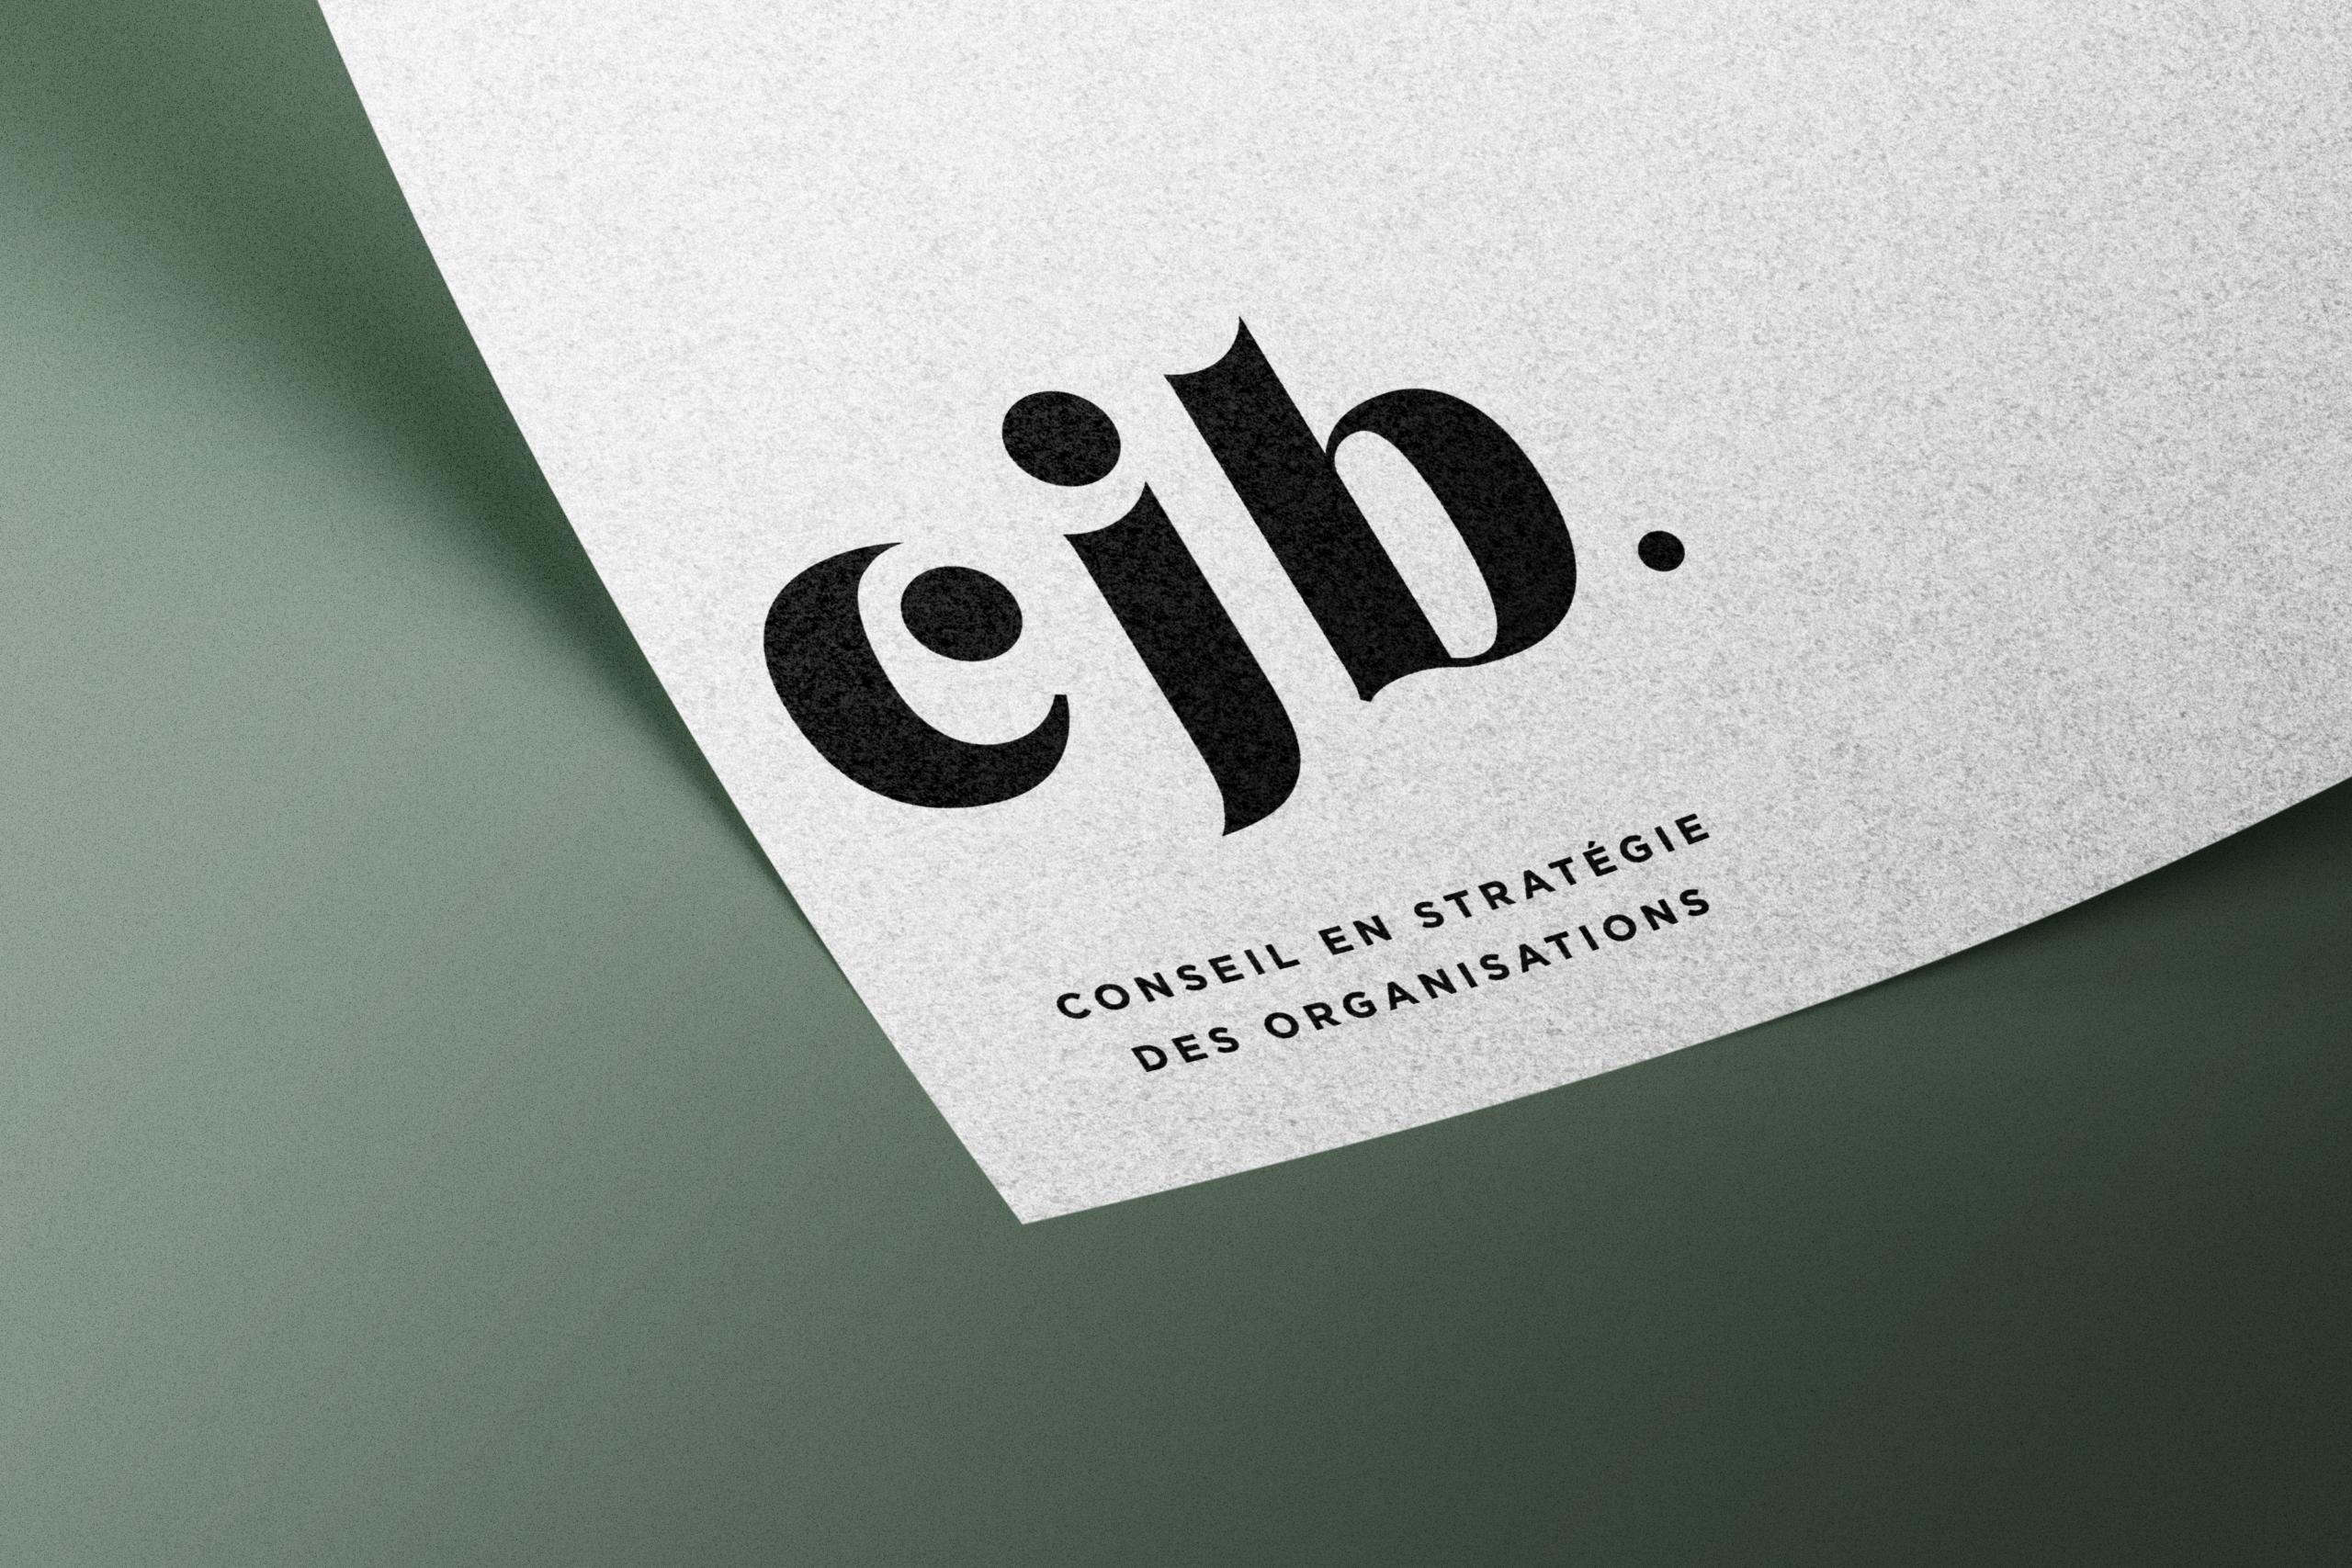 Logo_papier_cjb